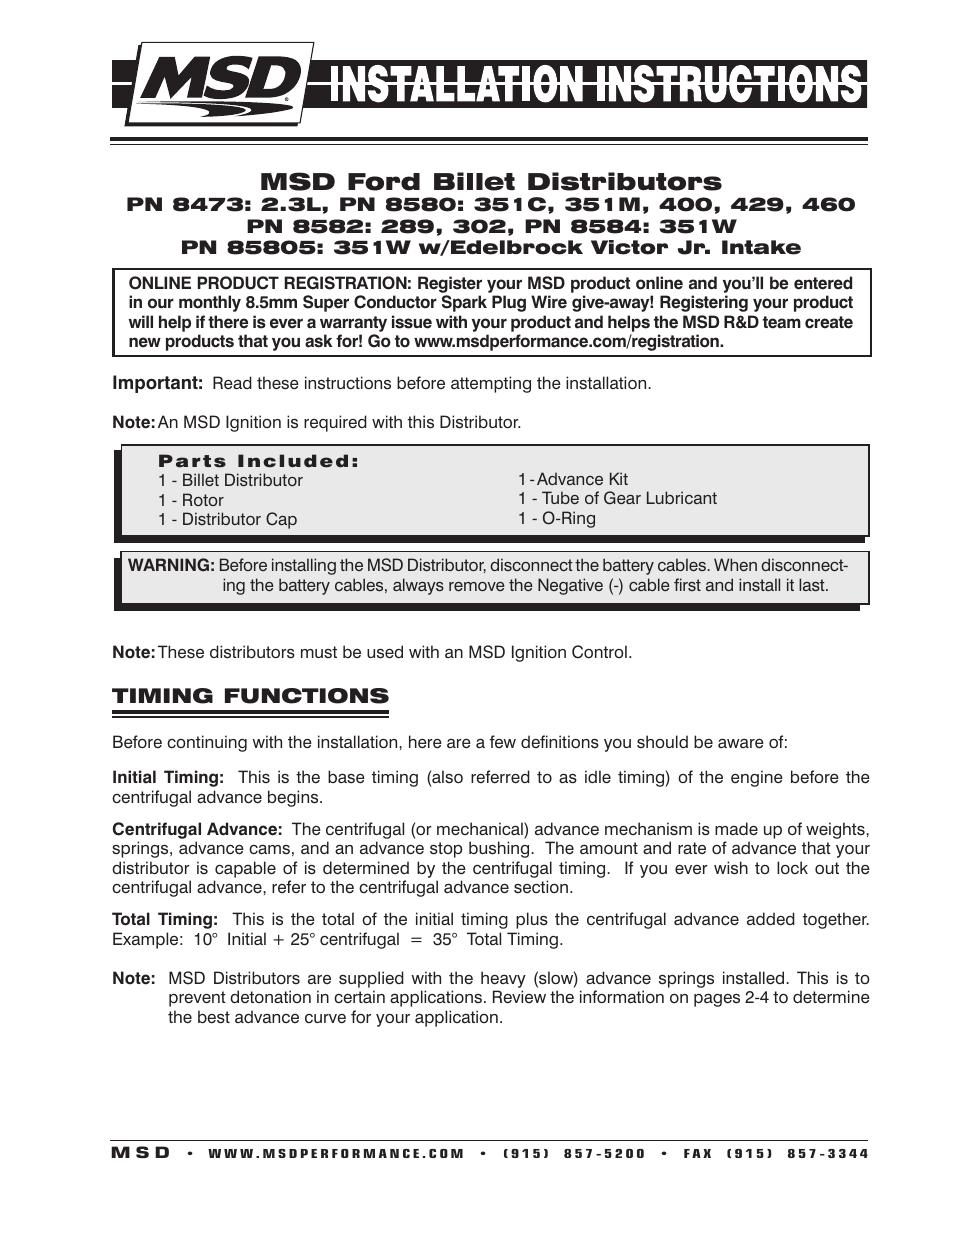 MSD 85805 Ford 351W w_Edelbrock Victor Jr Billet Distributor